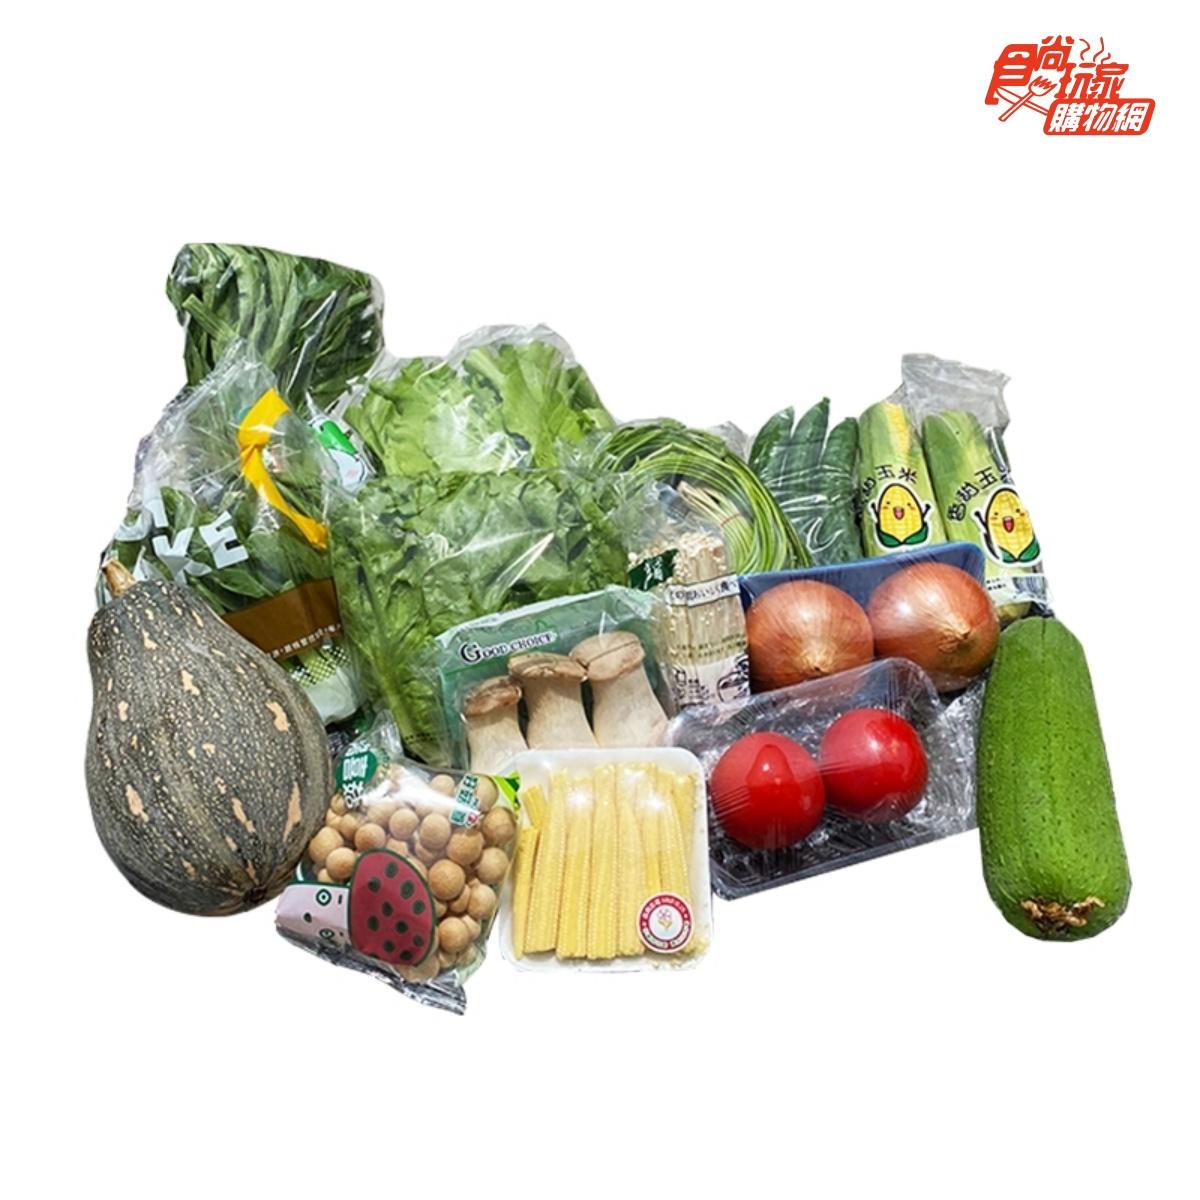 免出門採買!5款產地直送防疫食材箱:無塵水耕活菜、每日現採鮮果、東北角活凍小卷